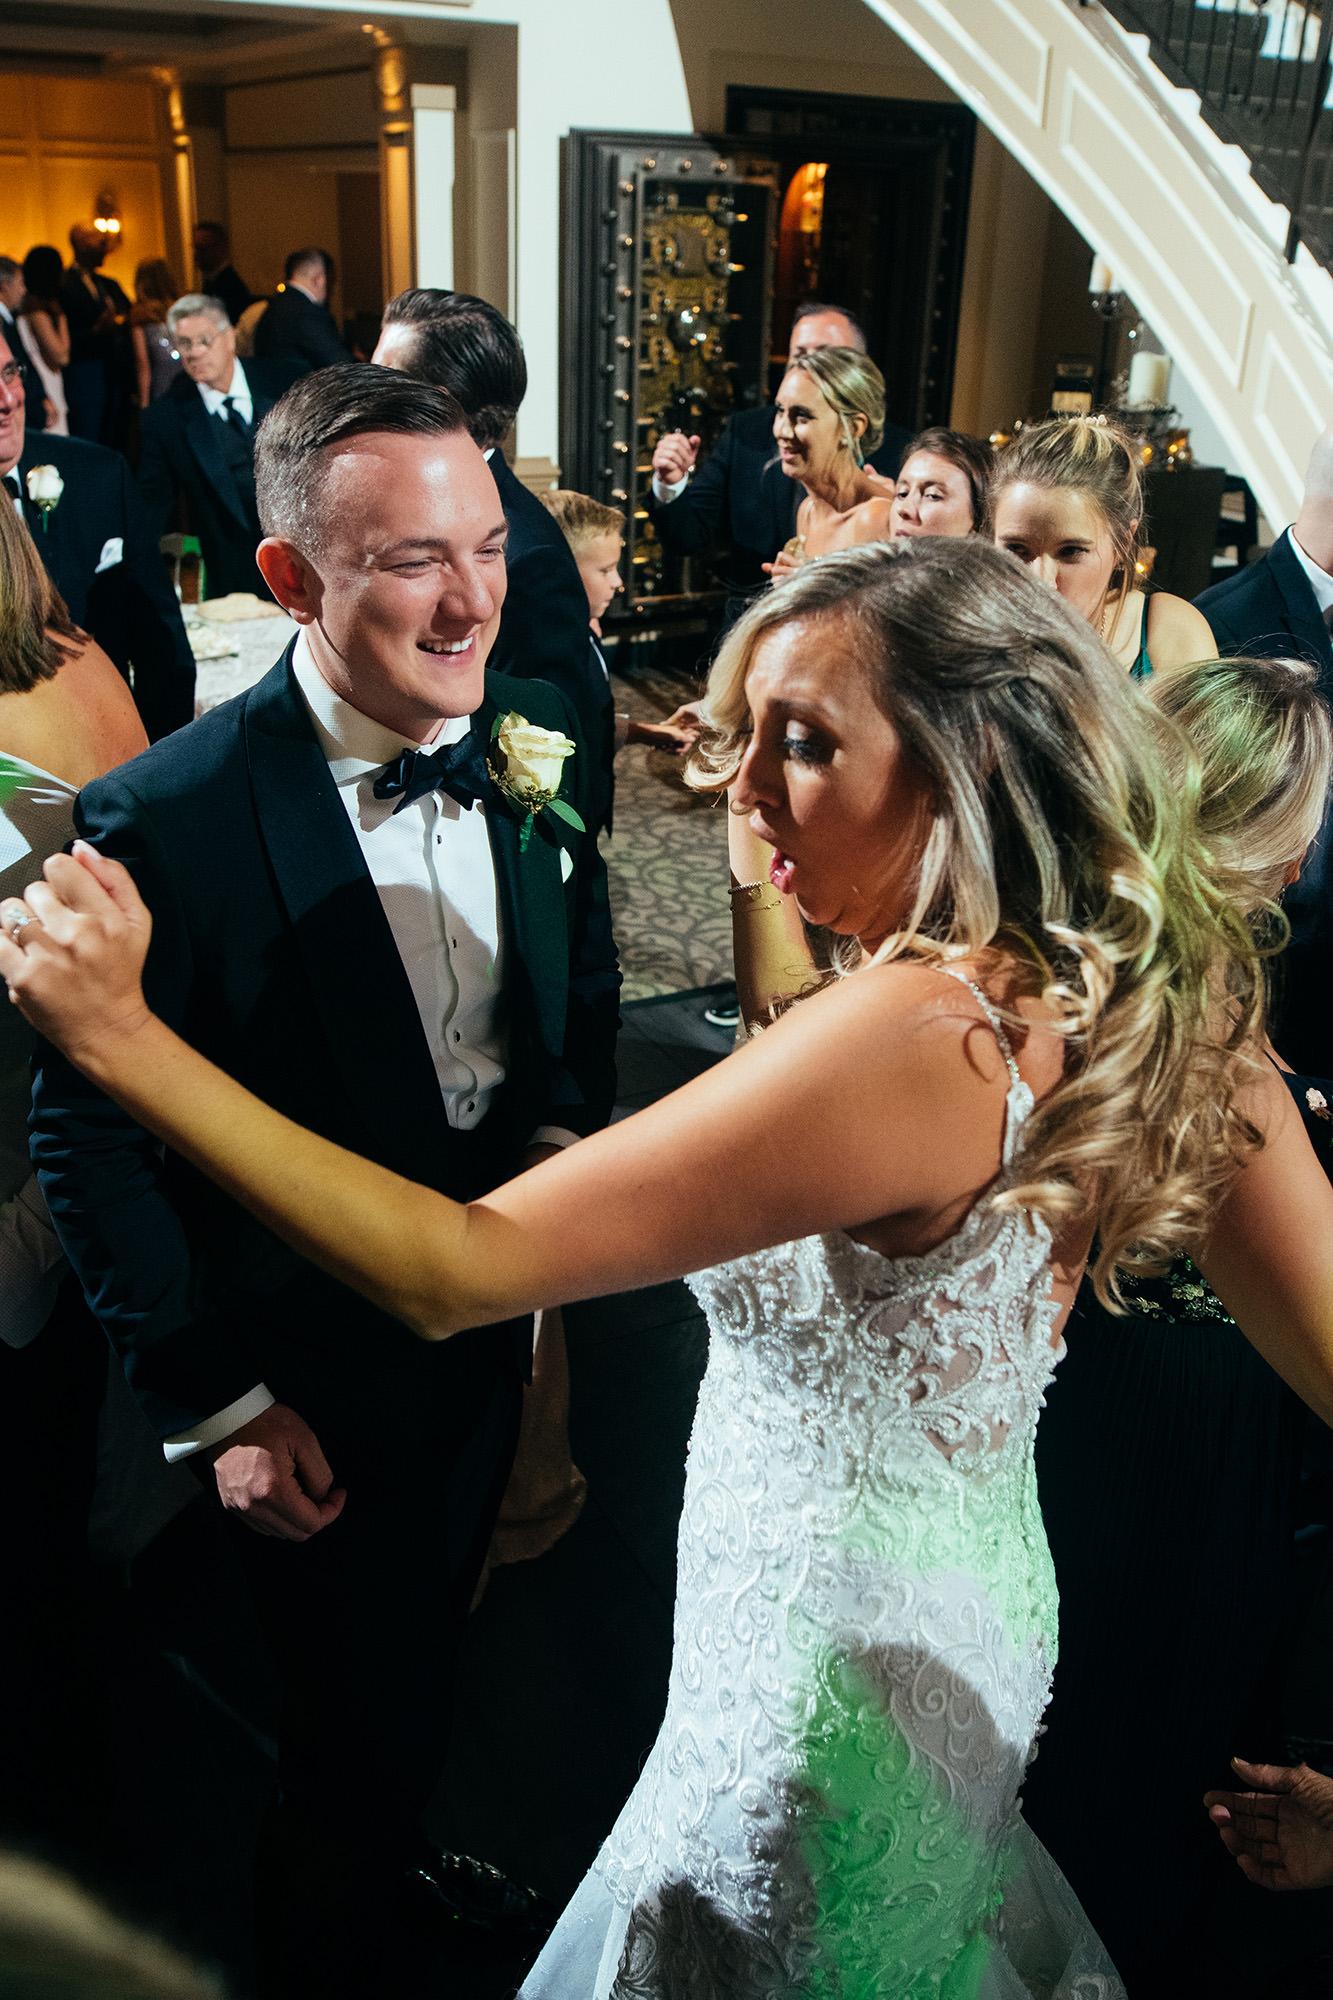 Kimberly And Ryan Dancing